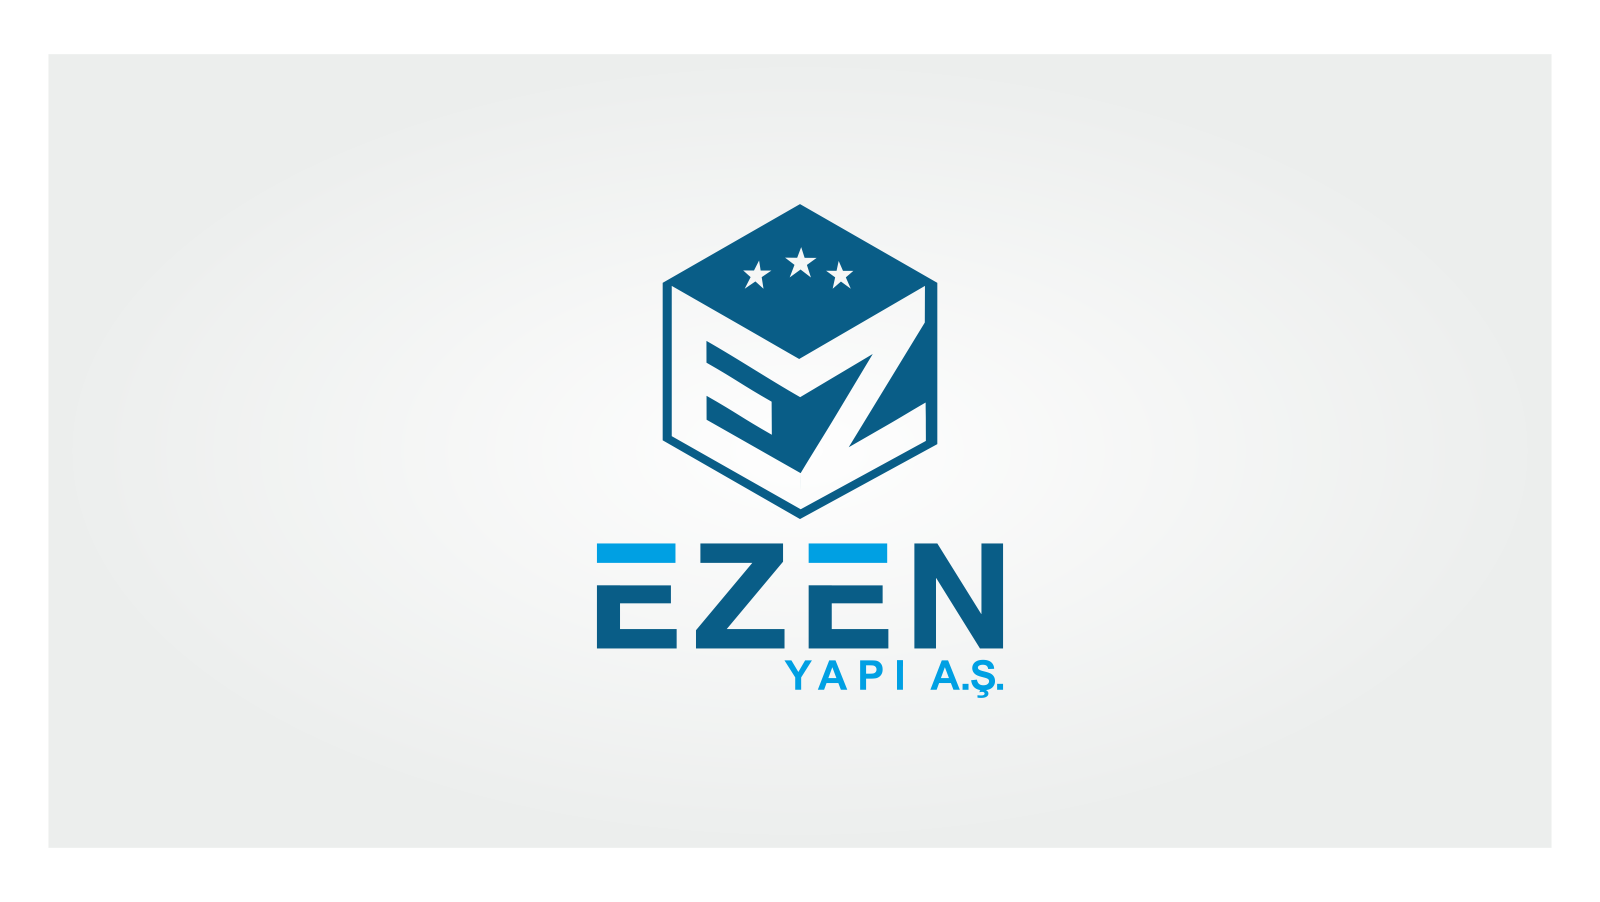 EZEN YAPI